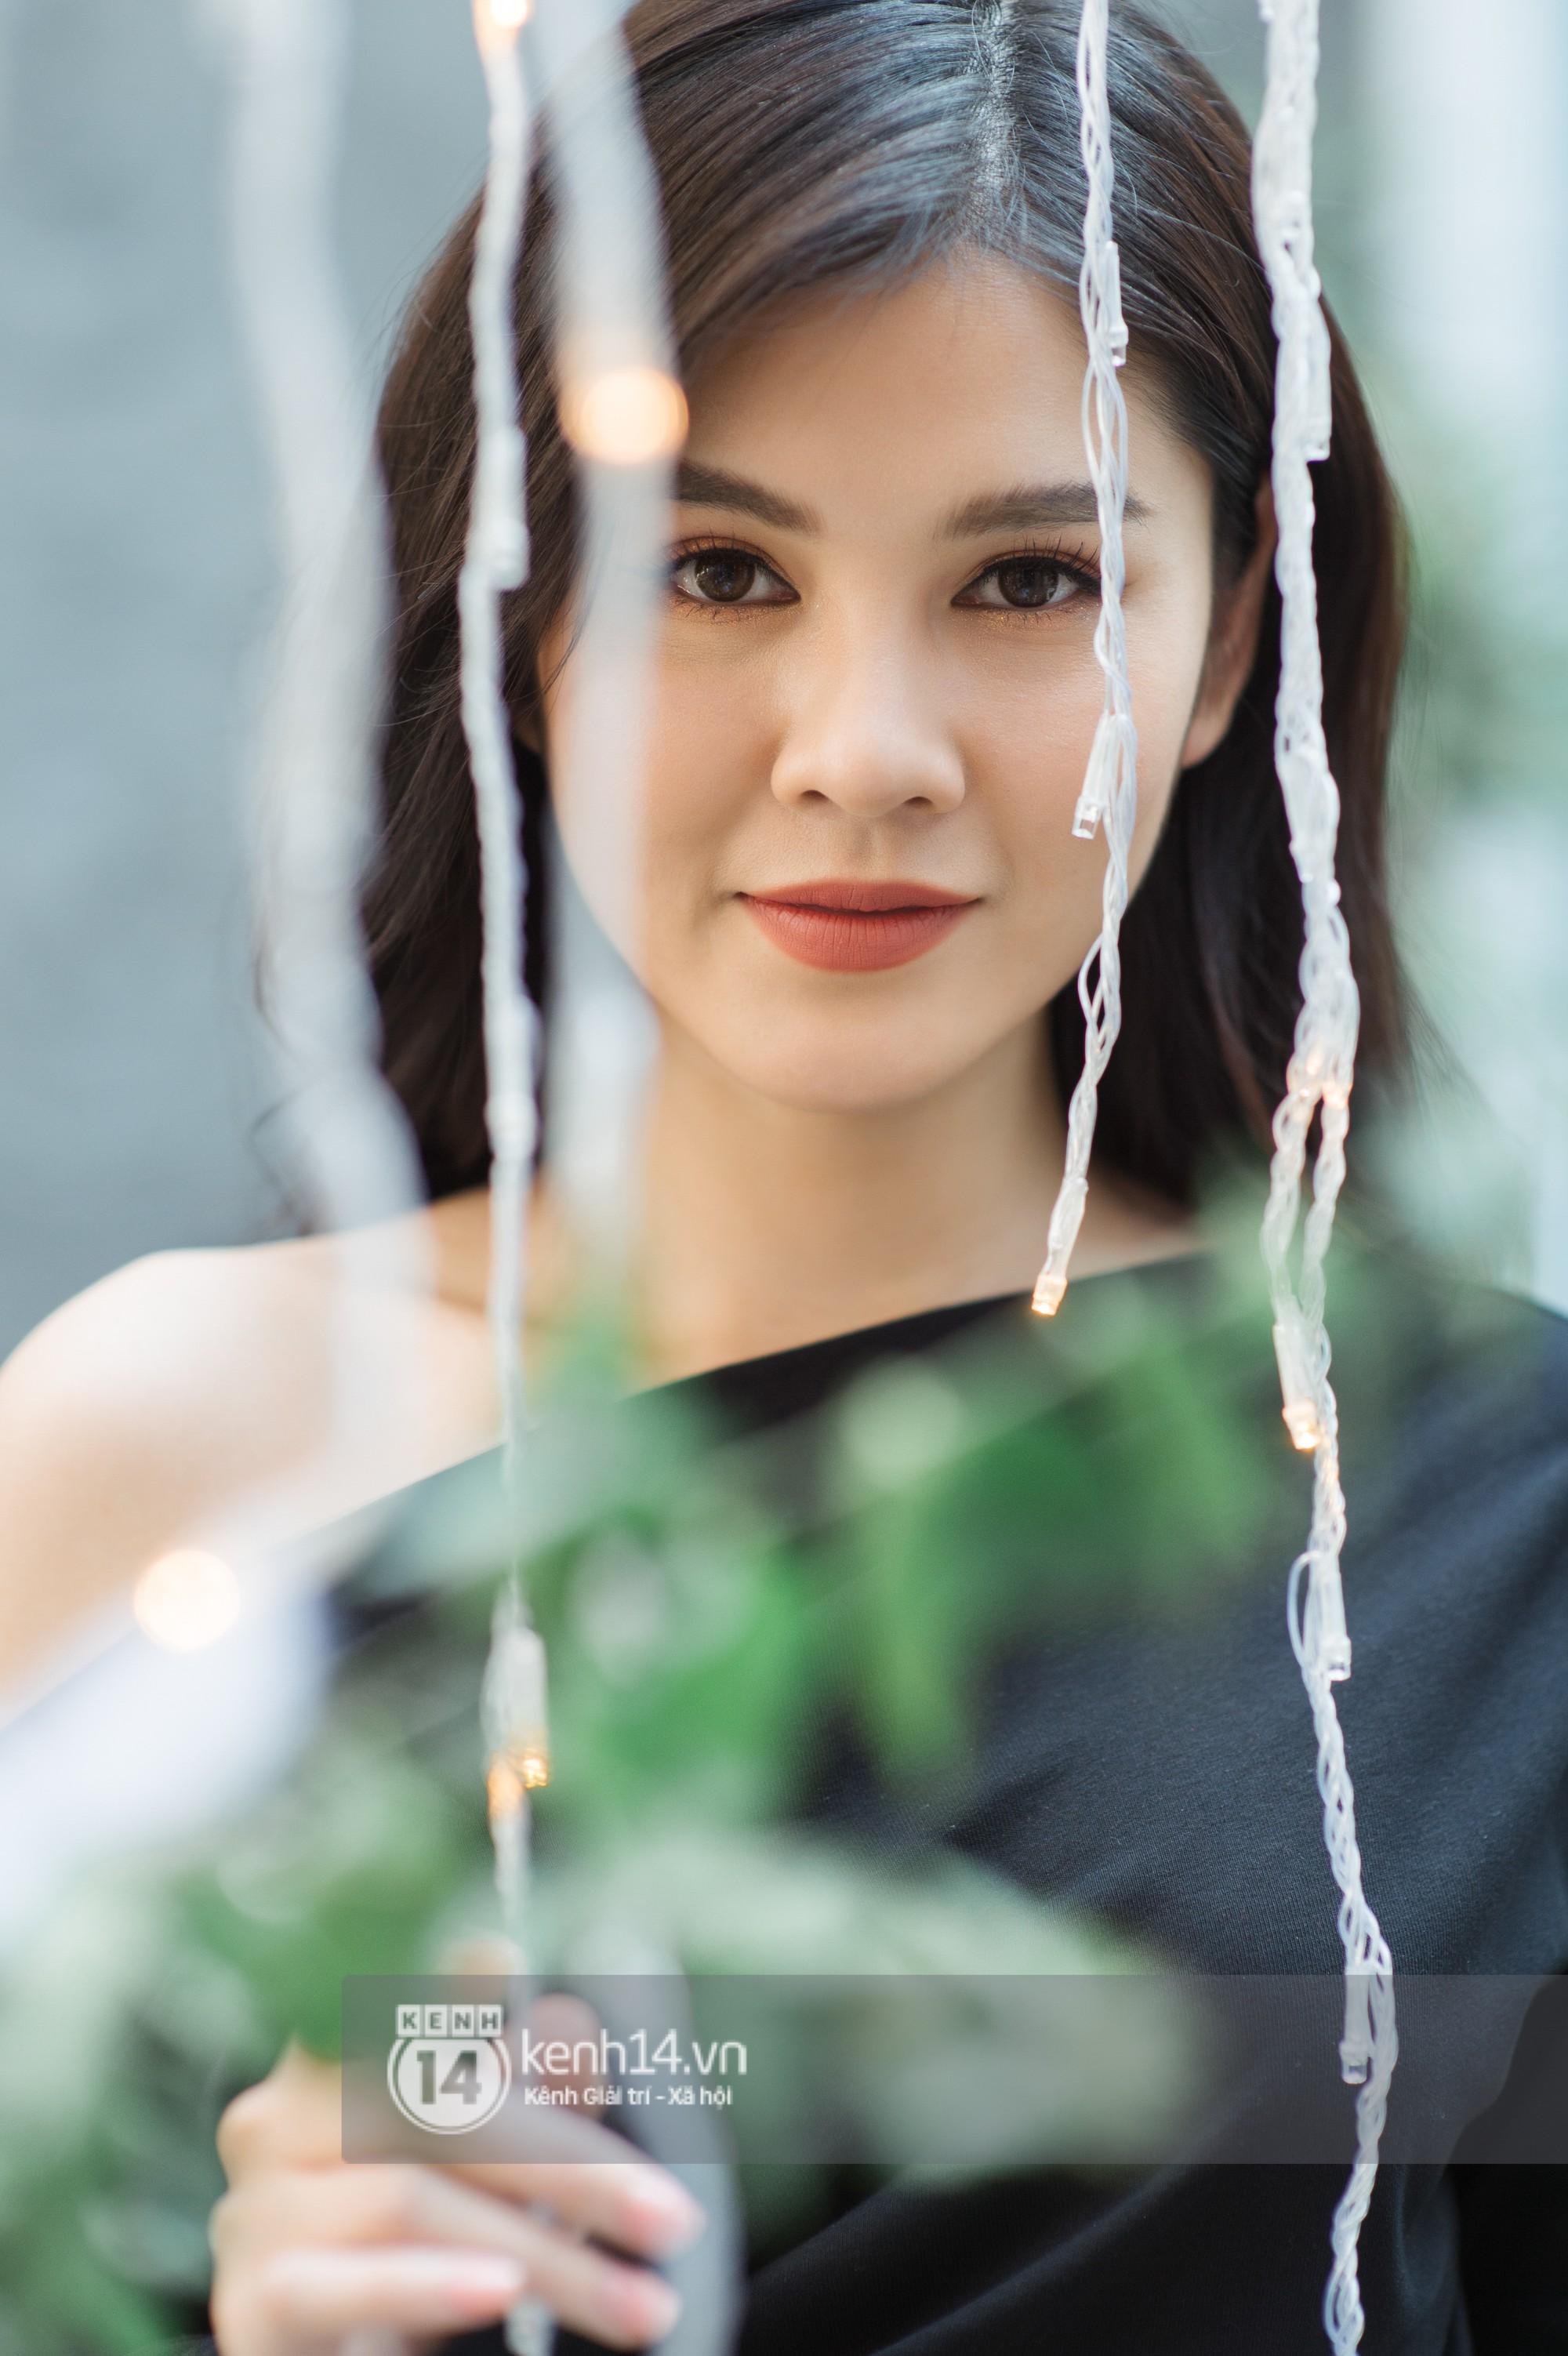 MC Thu Hoài - cô gái Việt được chú ý nhất sau mùa AFF Cup: Nếu có đại gia chống lưng thì đã không khổ thế - Ảnh 9.